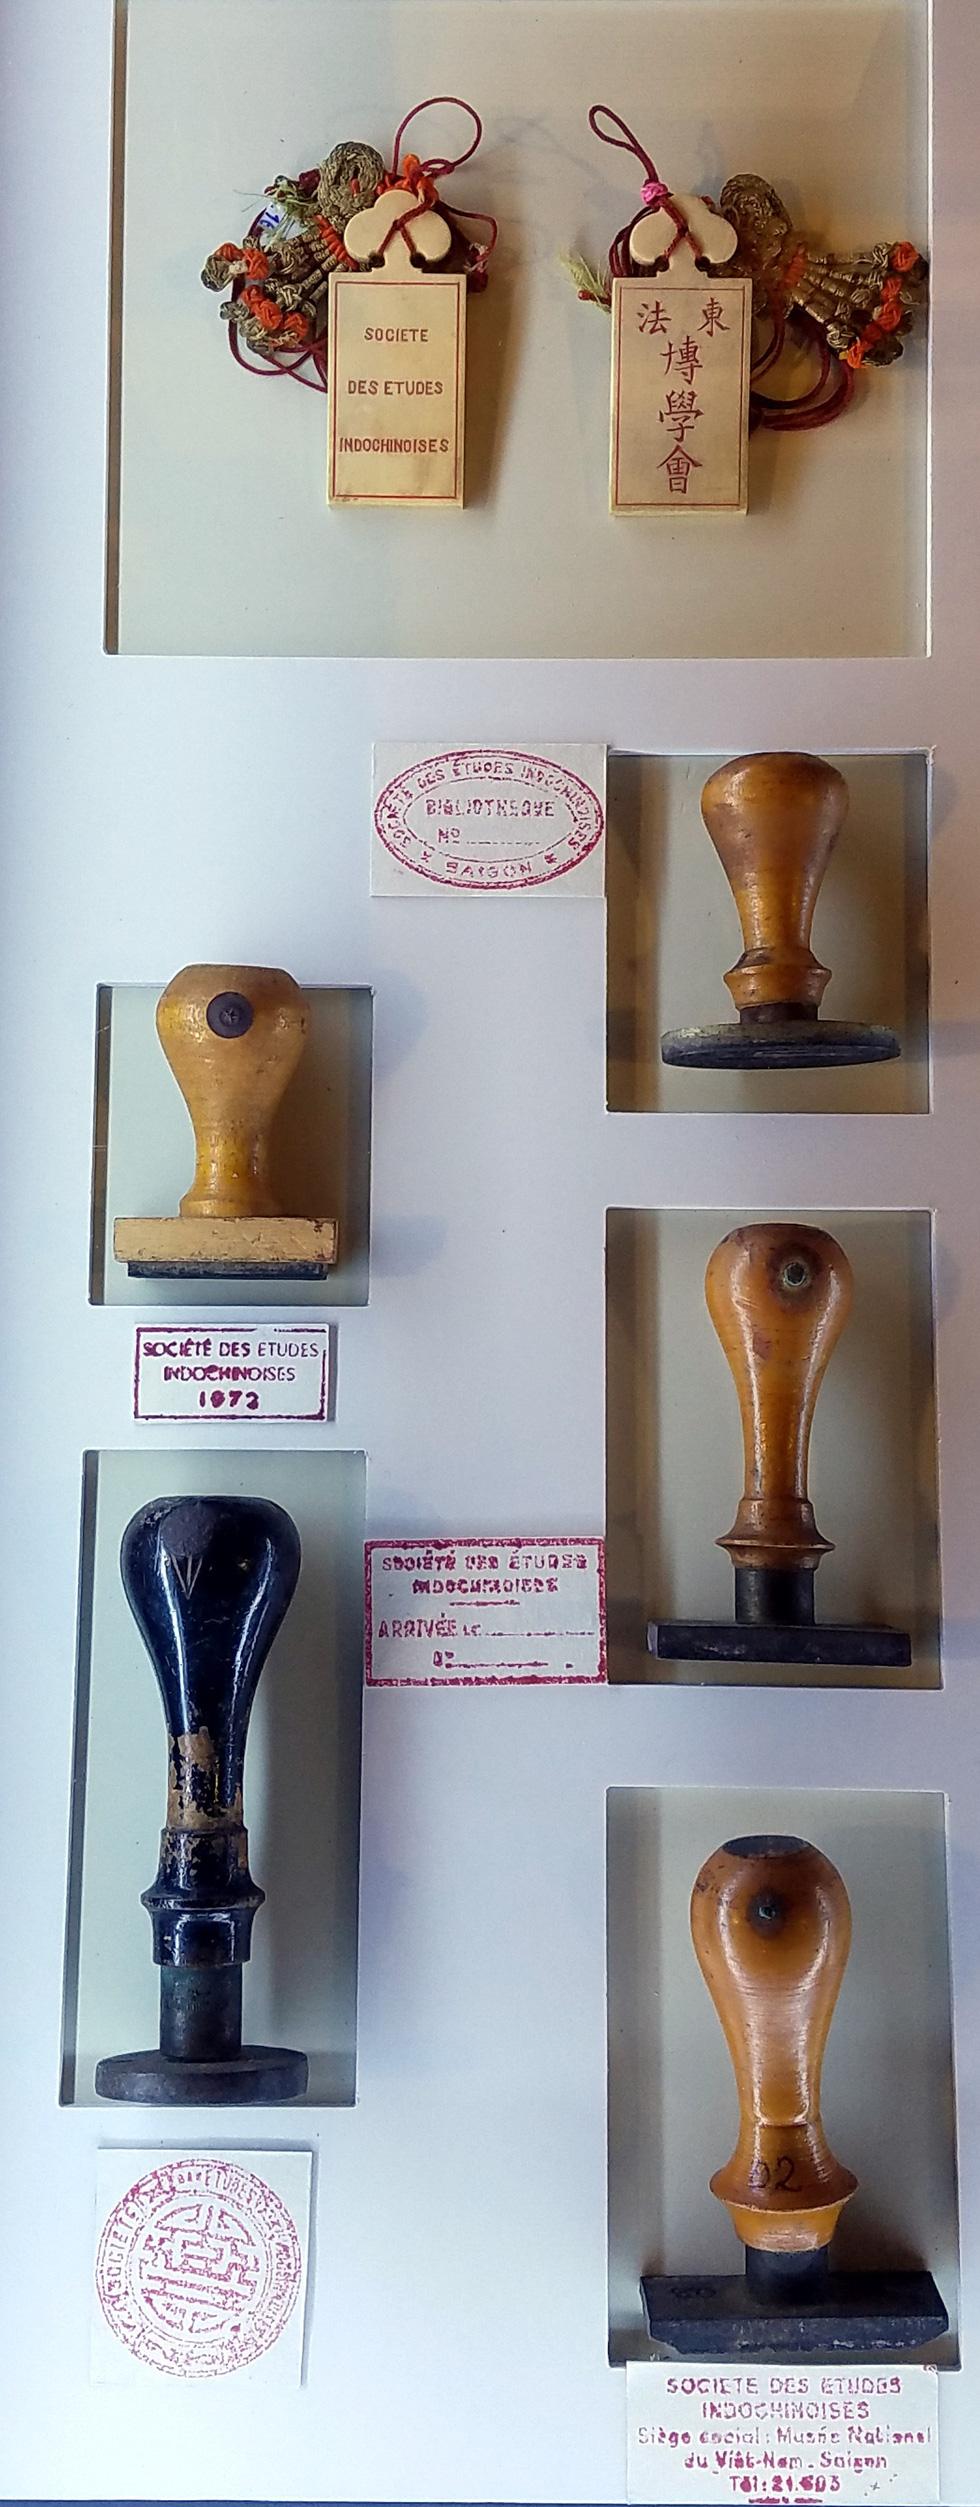 90 năm hội tụ những bộ sưu tập cổ vật khủng - Ảnh 5.